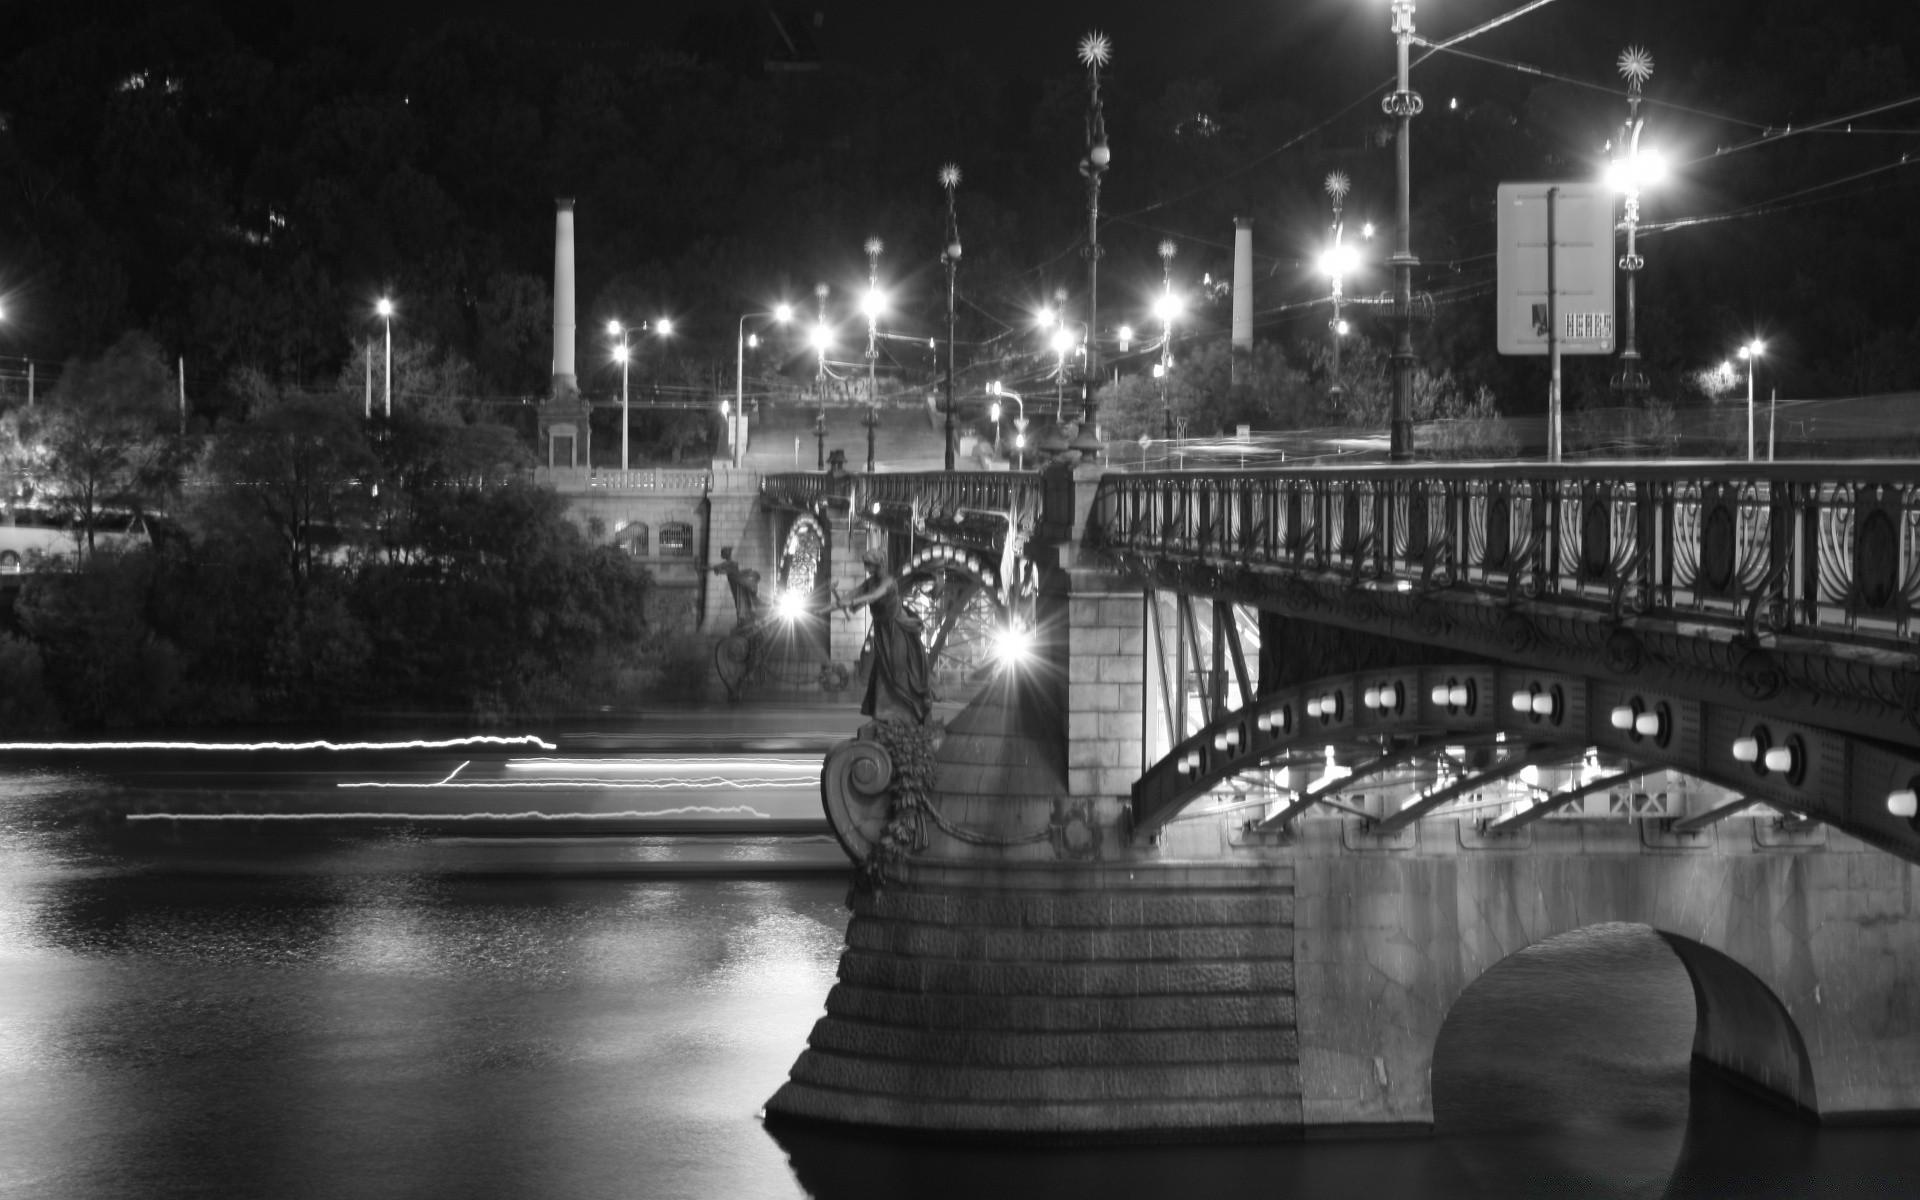 прямое указание черно-белая картинка города на реке что